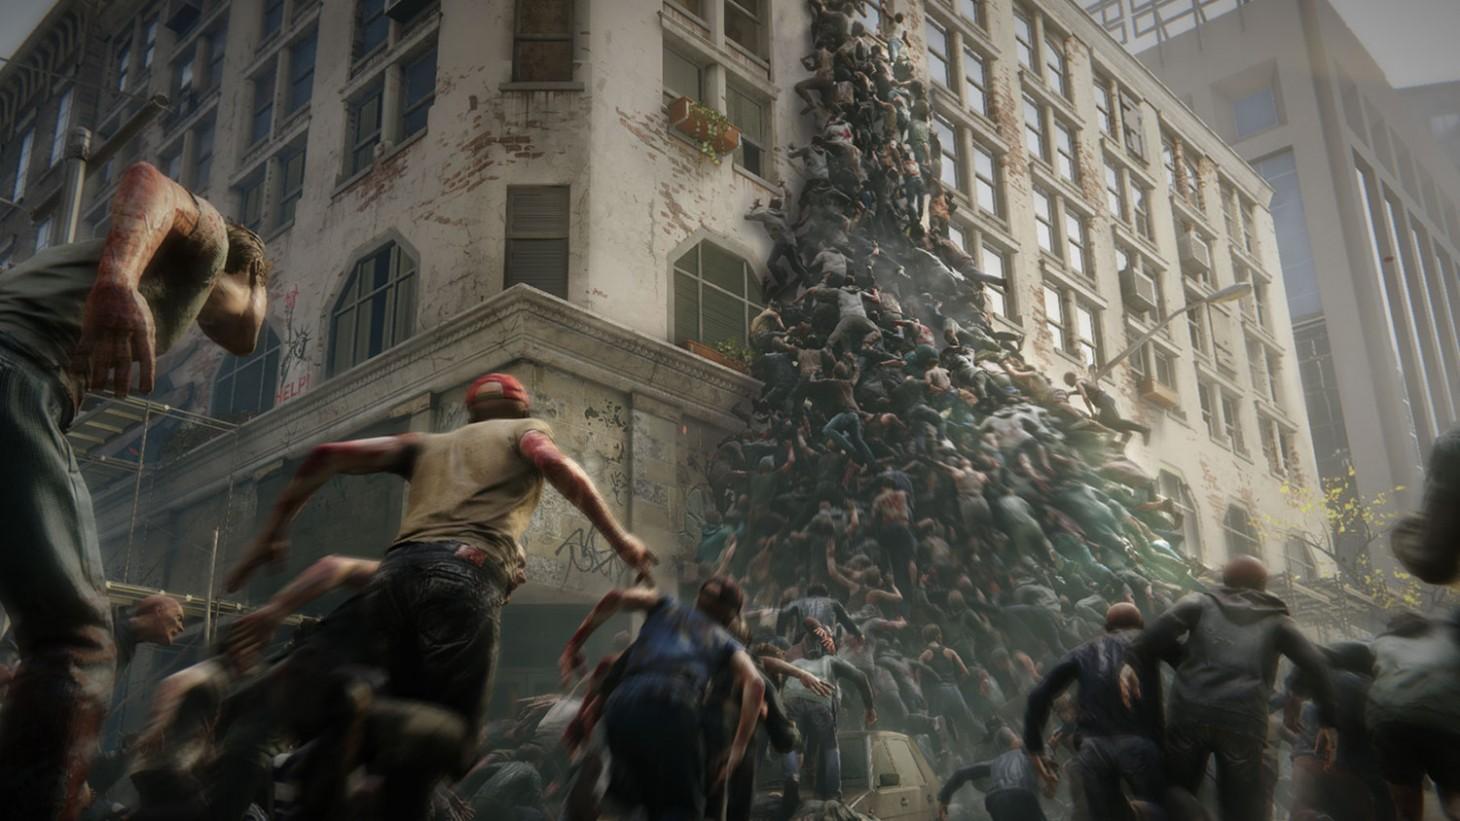 《僵尸世界大战》评测 8.25 分:合作求生,射爆尸山